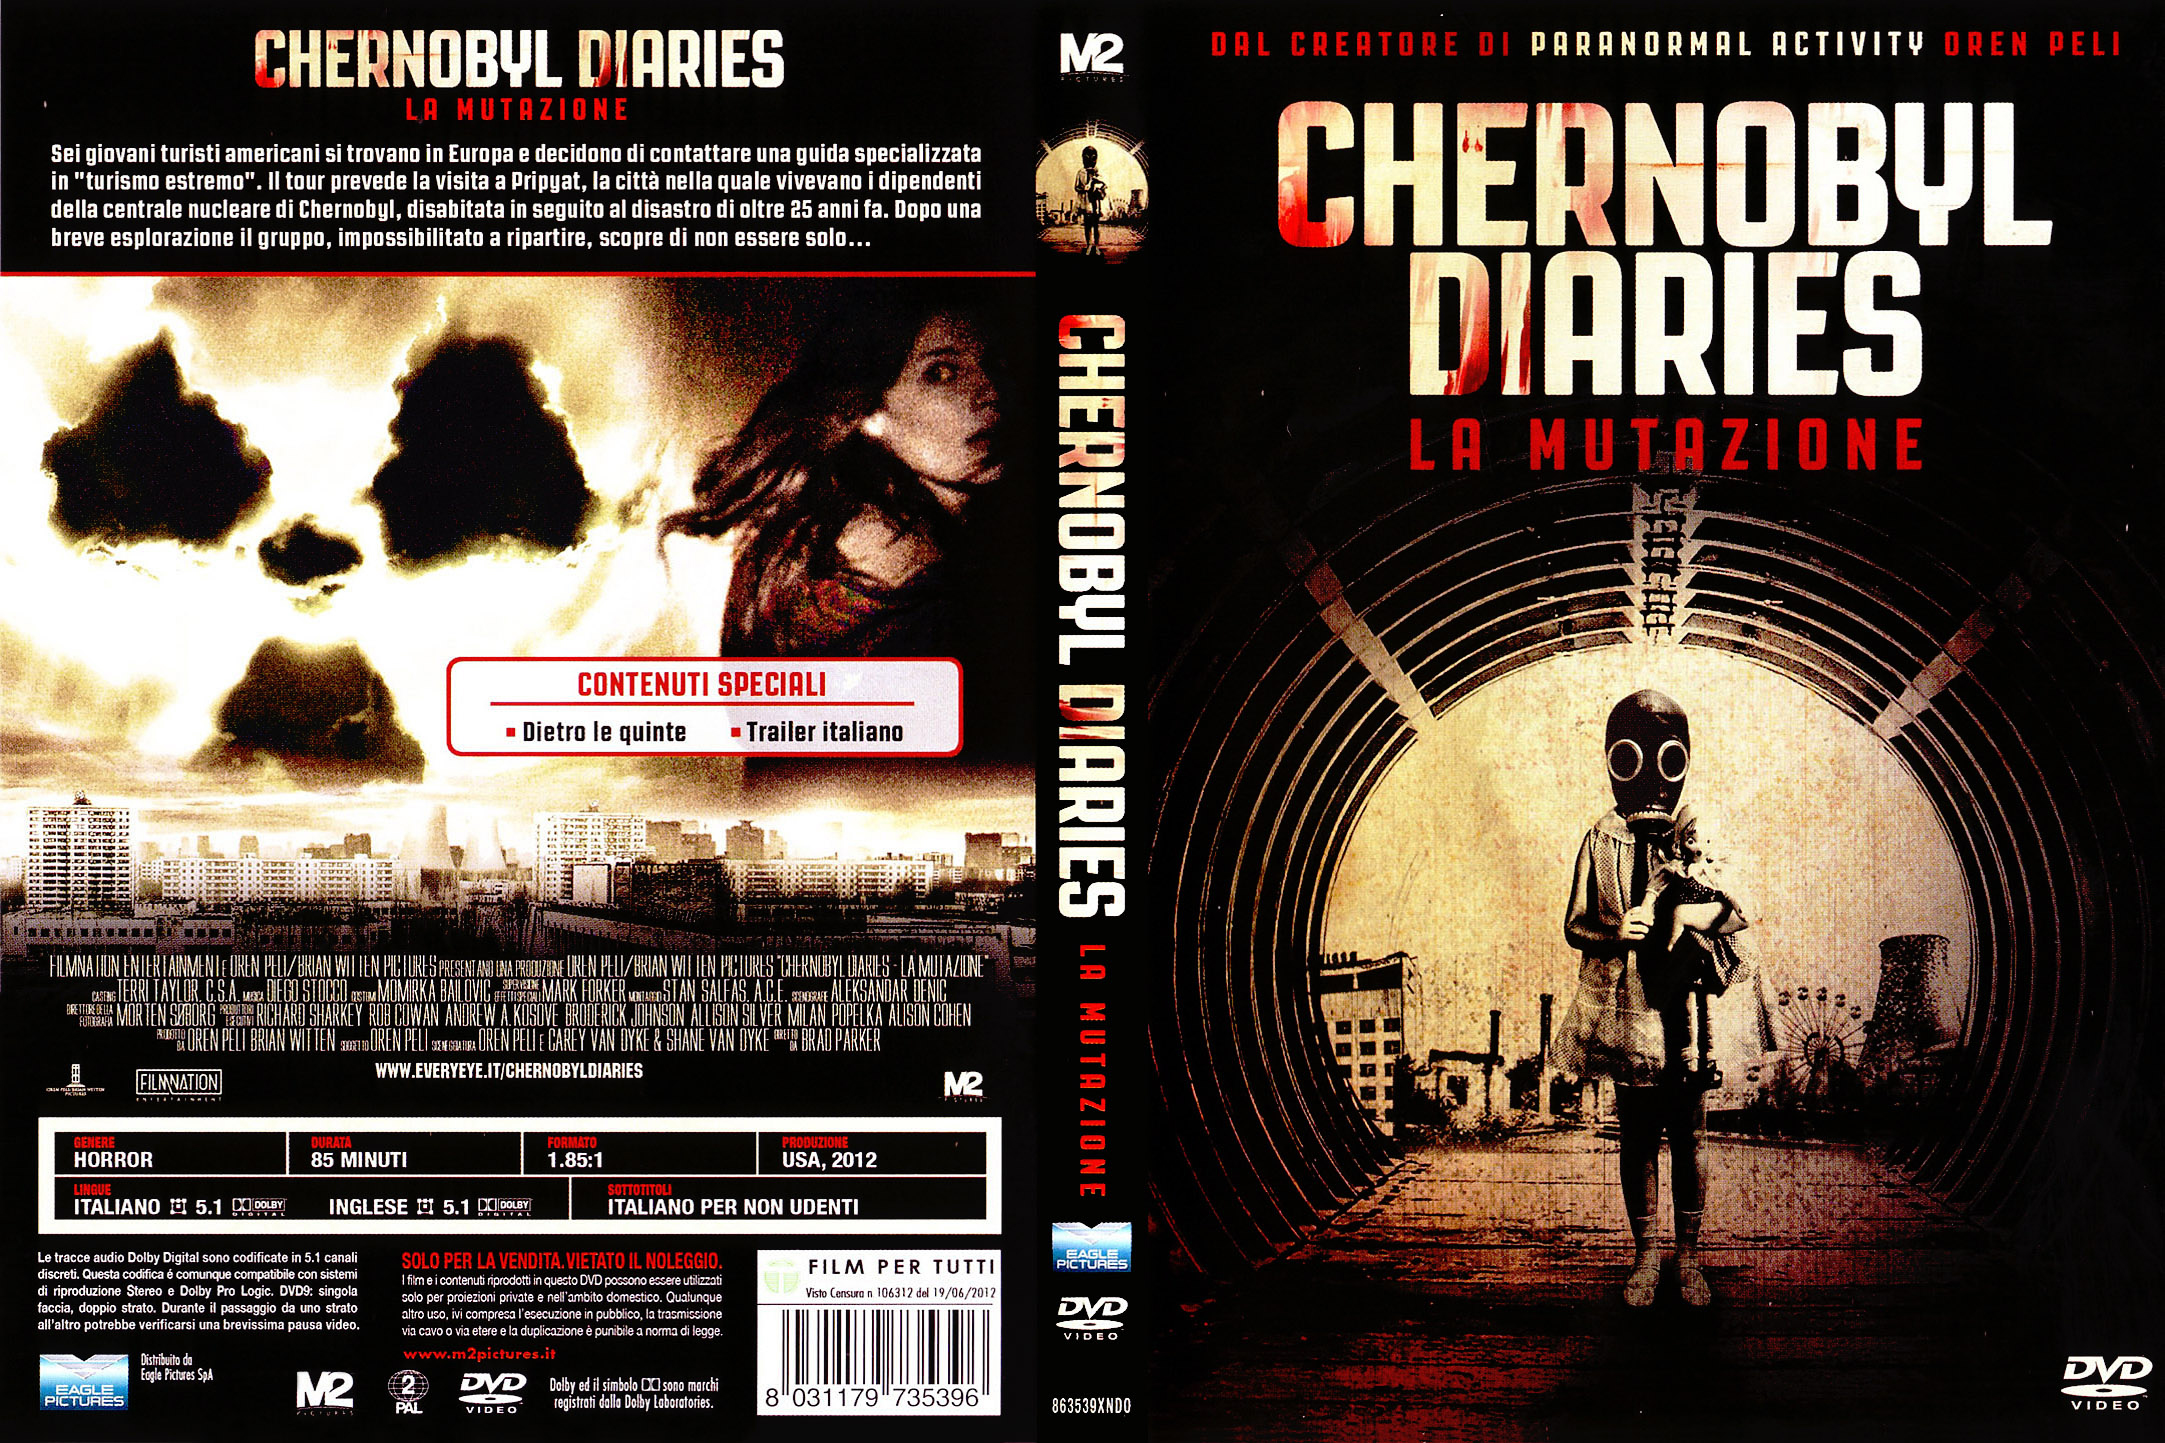 COVERS BOX SK ::: Chernobyl Diaries - La Mutazione (2012) - high